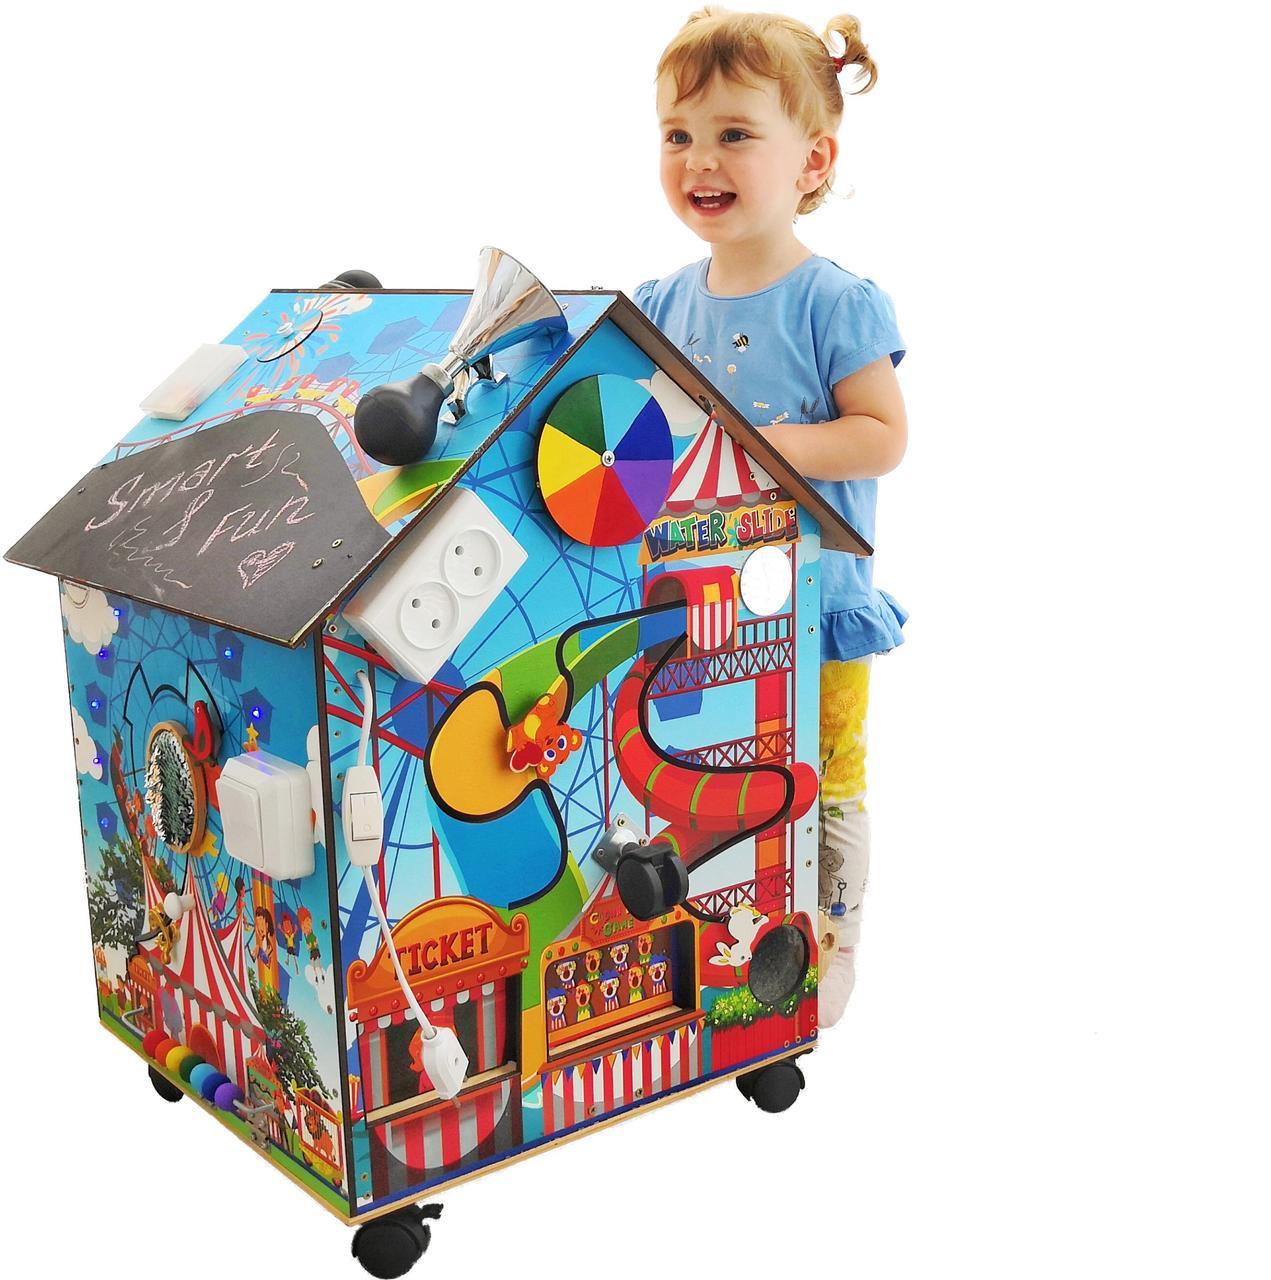 БОЛЬШОЙ БИЗИБОРД БИЗИДОМ «Меча малыша» с подсветкой, мягкой игрушкой и каналом для полета шарика